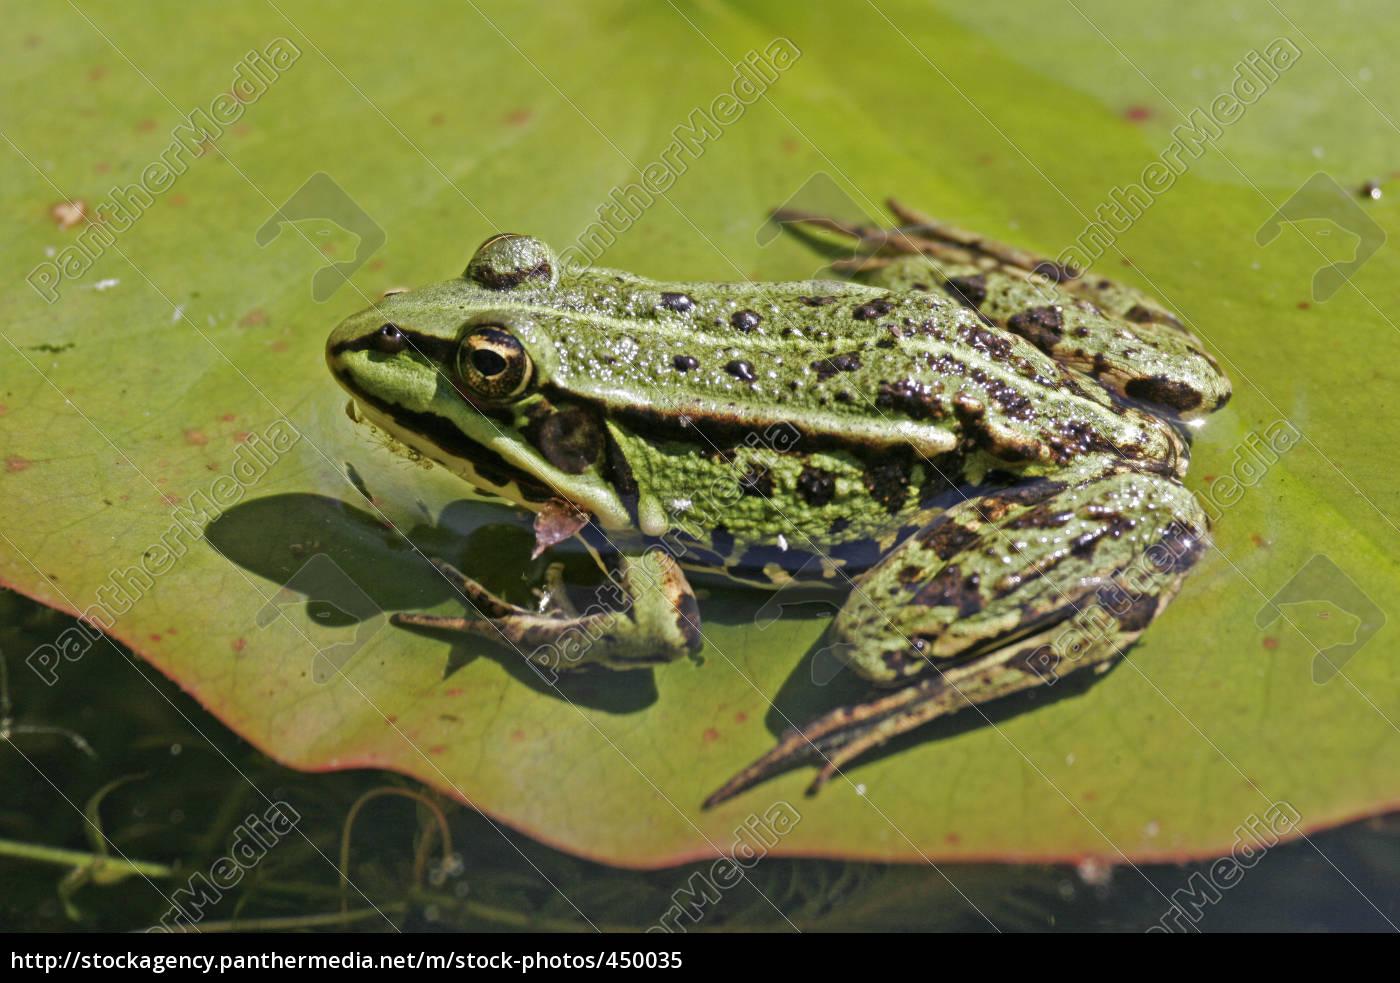 edible, frog, rana, esculenta - 450035